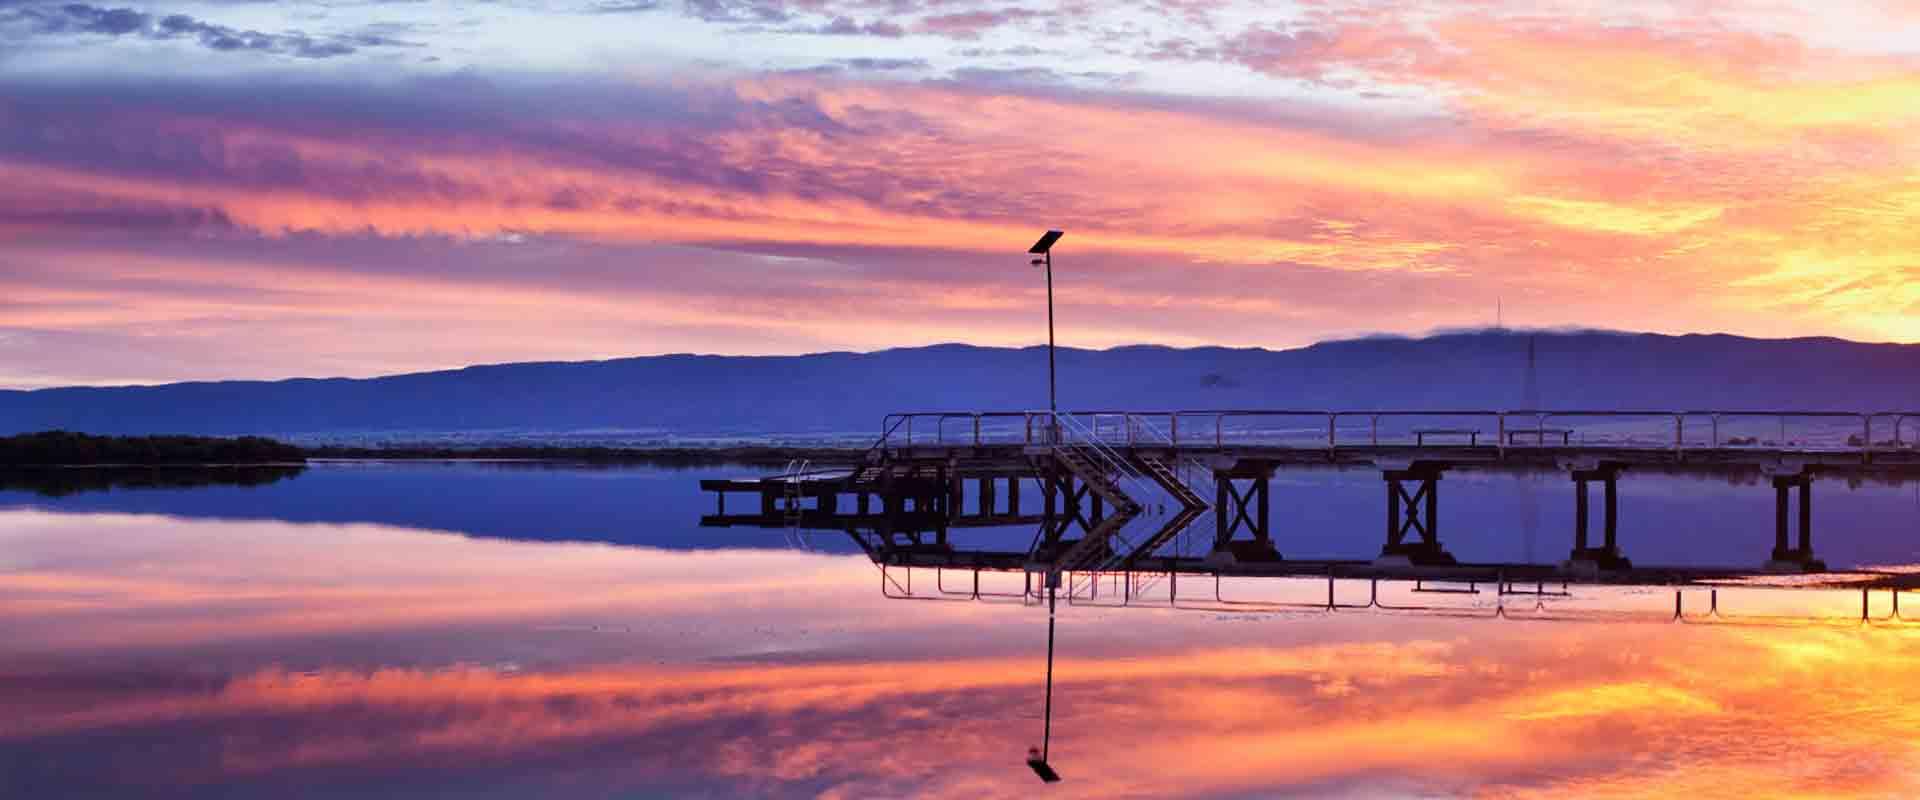 những tip hữu ích cho chuyến đi du lịch Úc